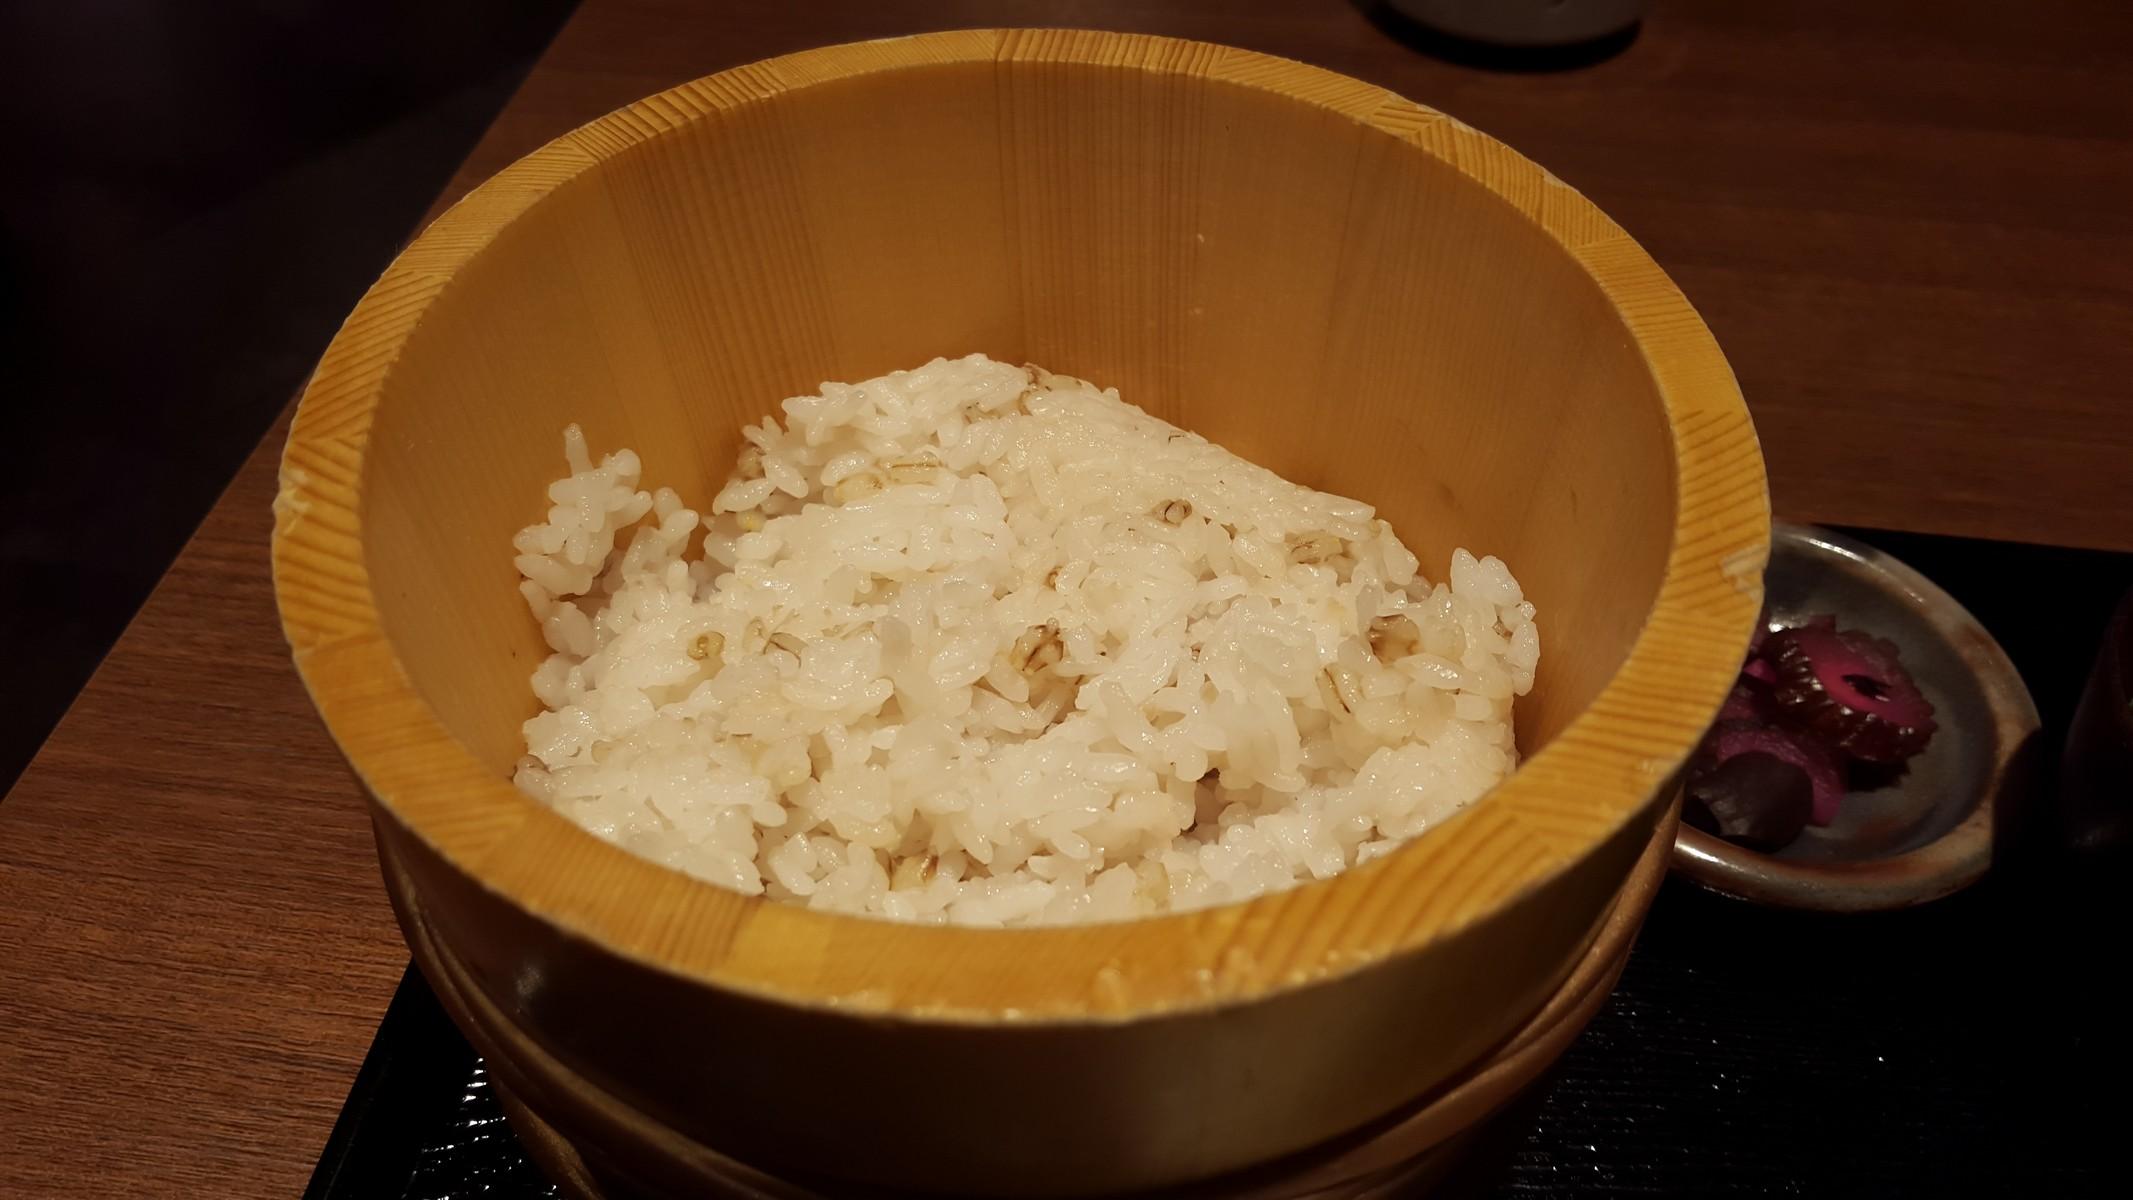 自然薯膳のお櫃ごはん【ご飯ととろろ とろ麦/浅草】